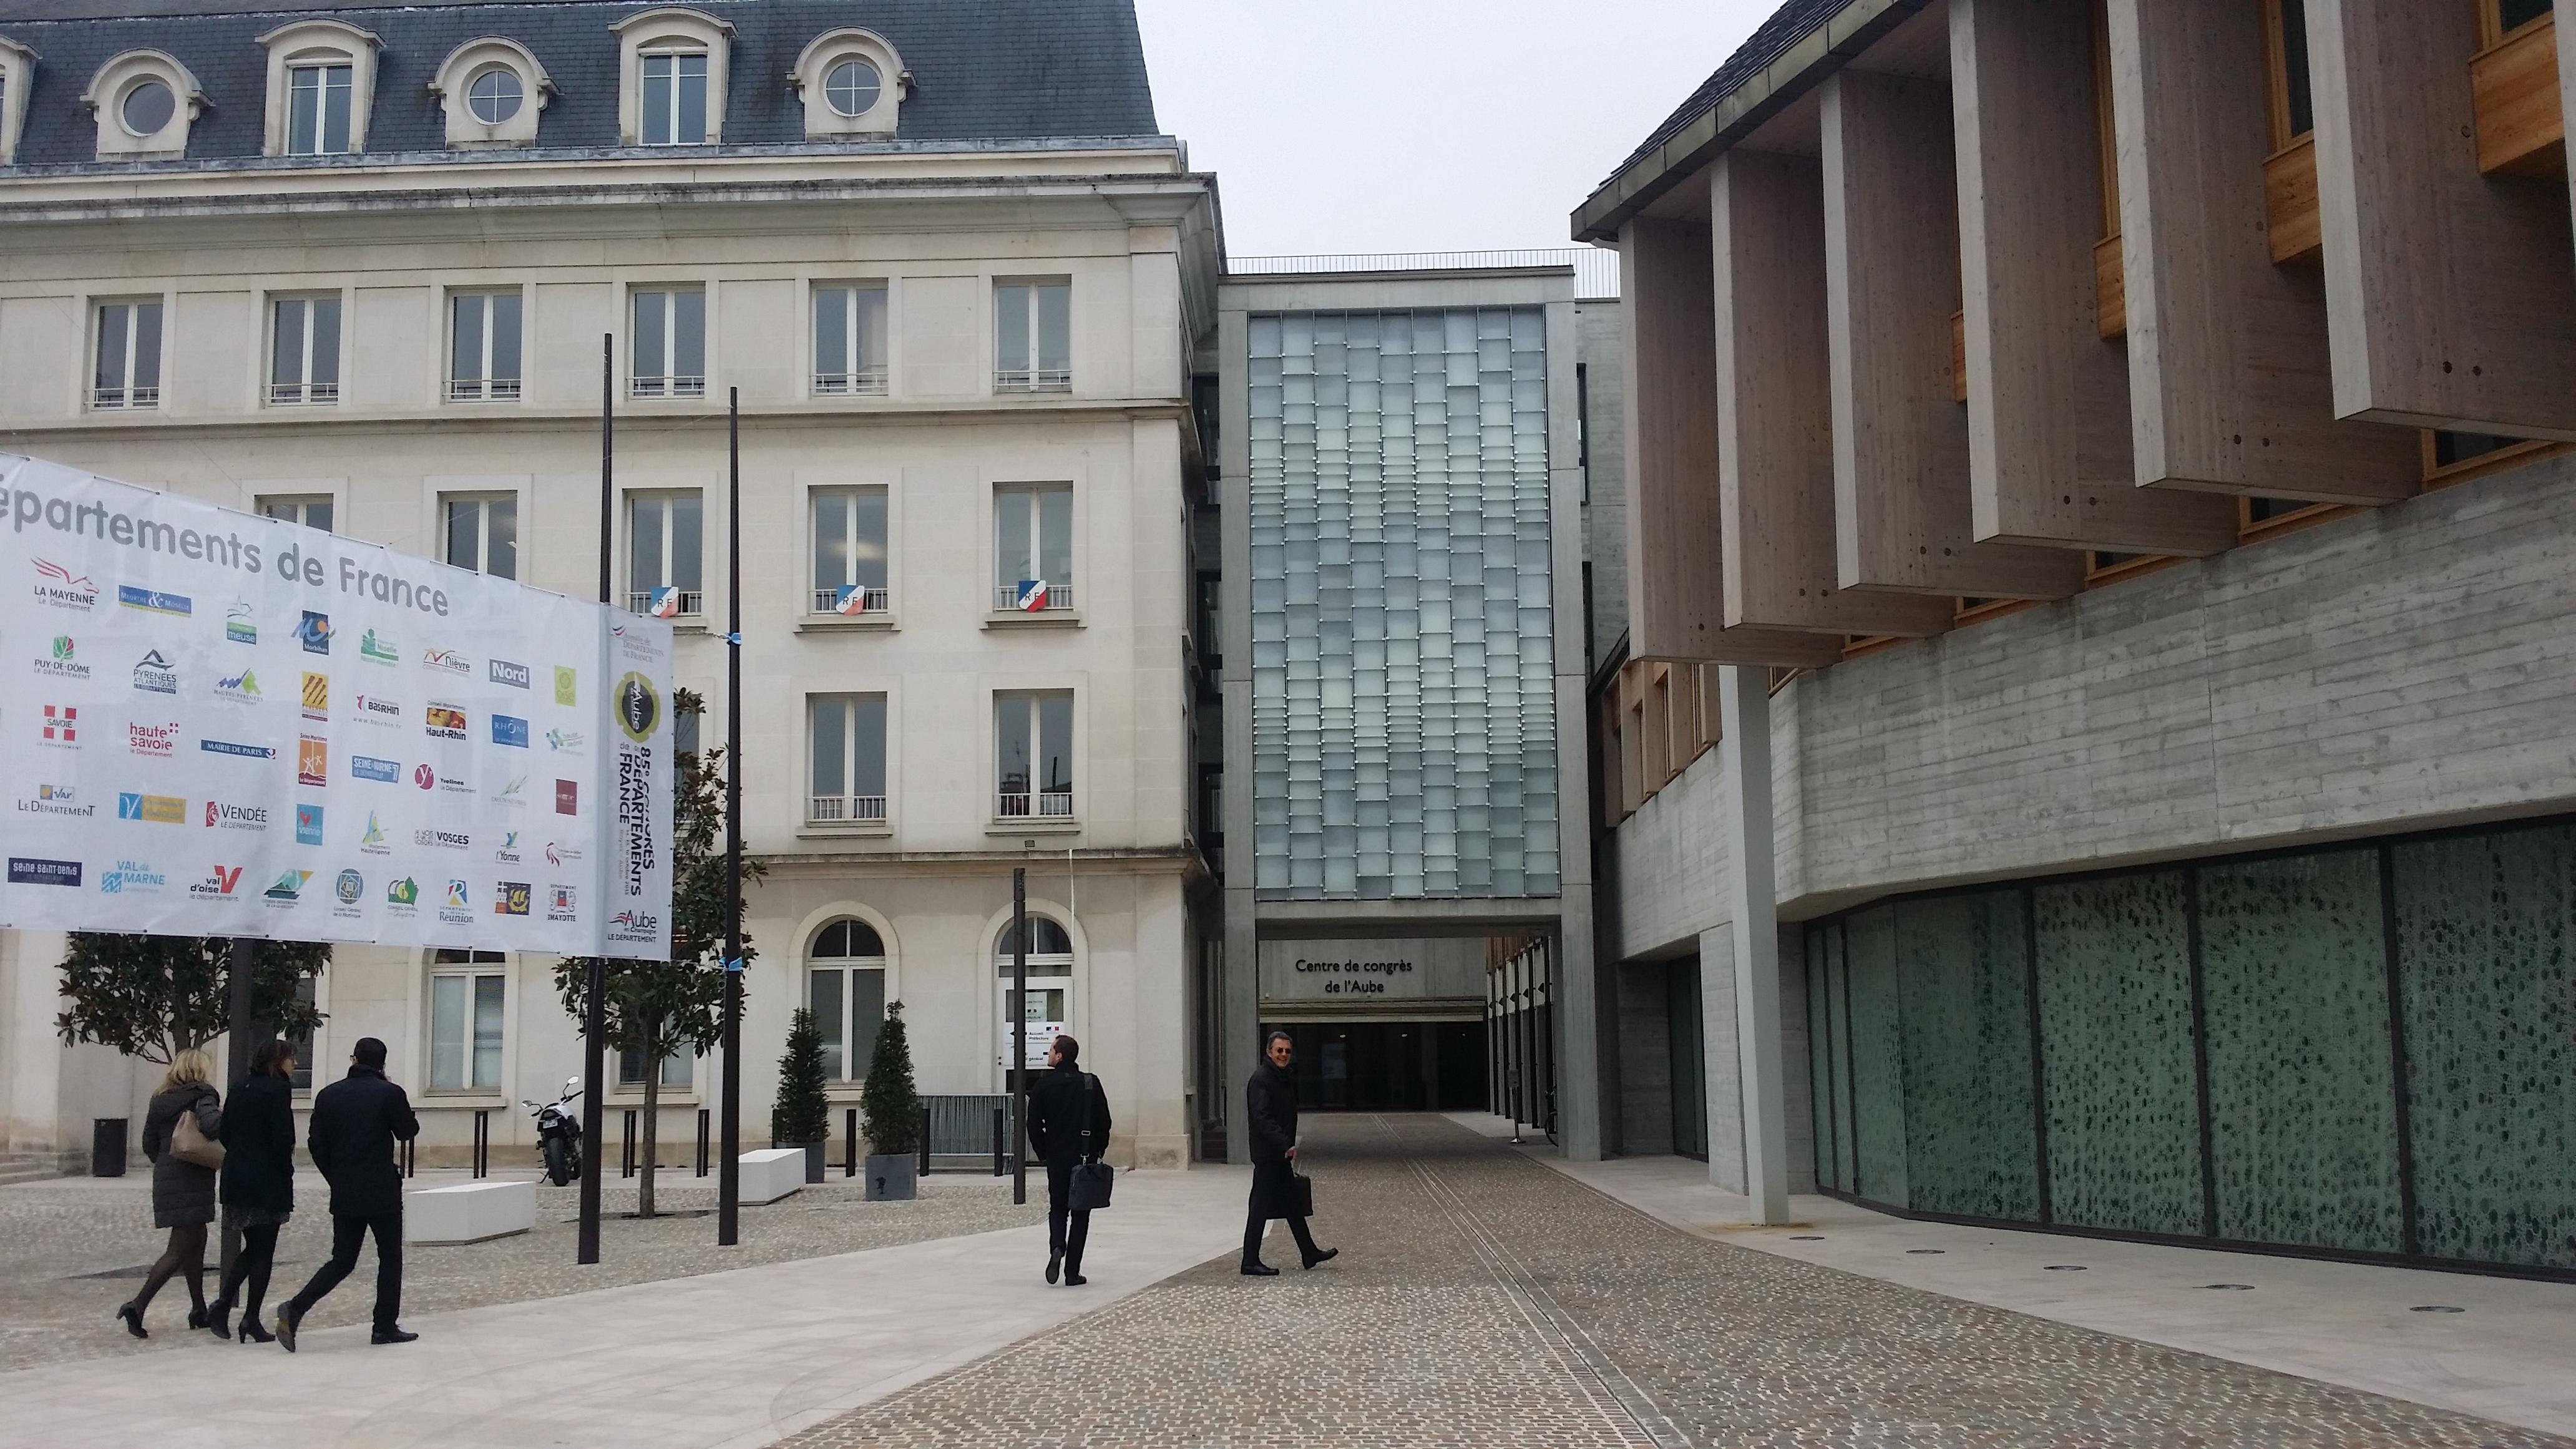 Philippe ADNOT et Dominique BUSSEREAU ouvrent le 85e Congrès des Départements de France à Troyes (Aube) sur fond de risque de non-paiement du RSA